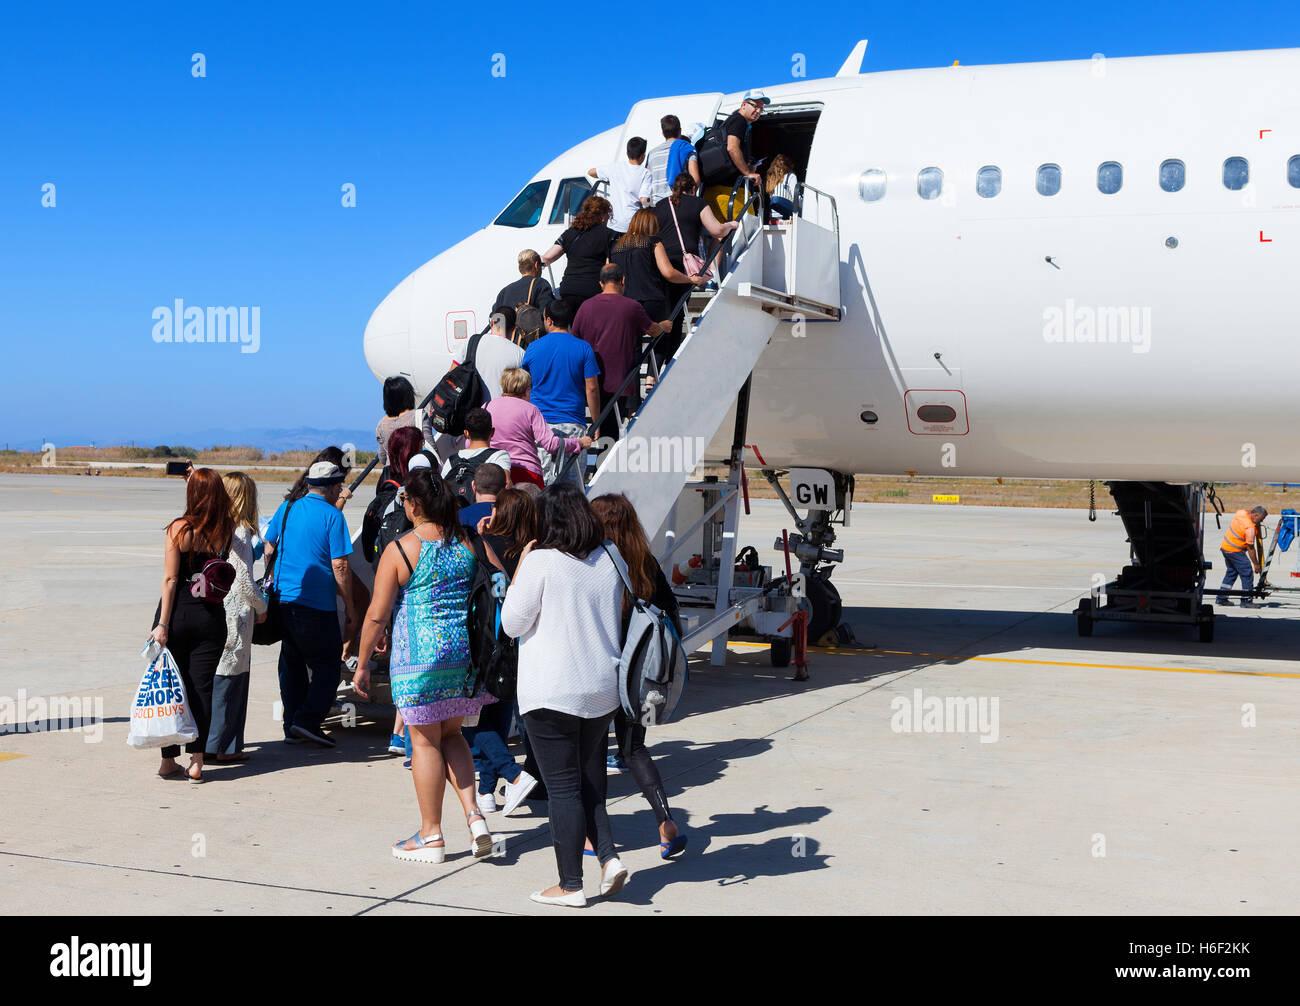 I passeggeri di salire a bordo di un aereo commerciale piano a Rodi Diagoras international airport. Immagini Stock